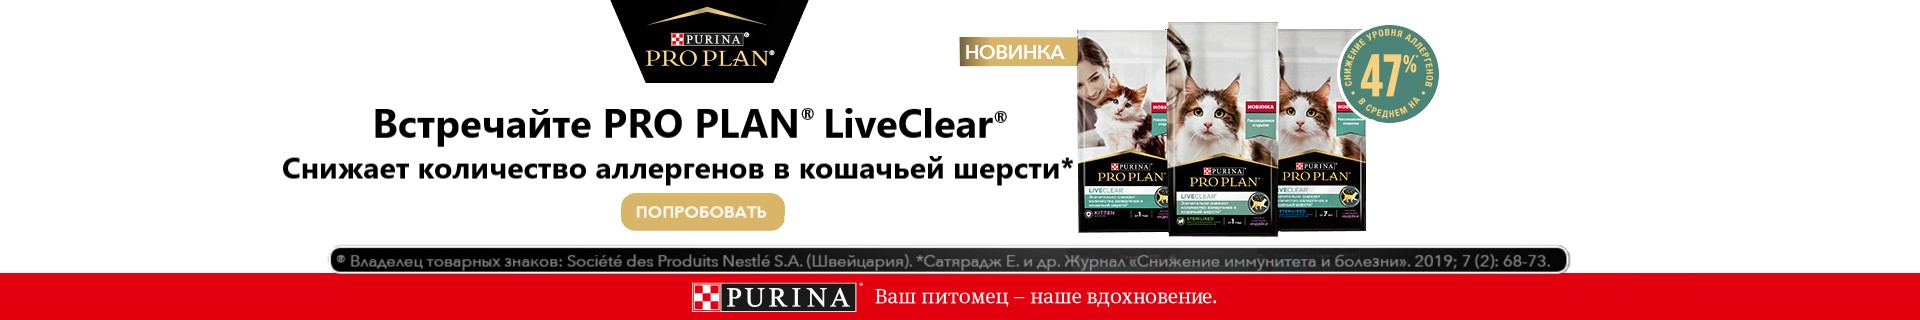 Уникальная новинка Pro Plan Liveclear от Nestlé Purina!